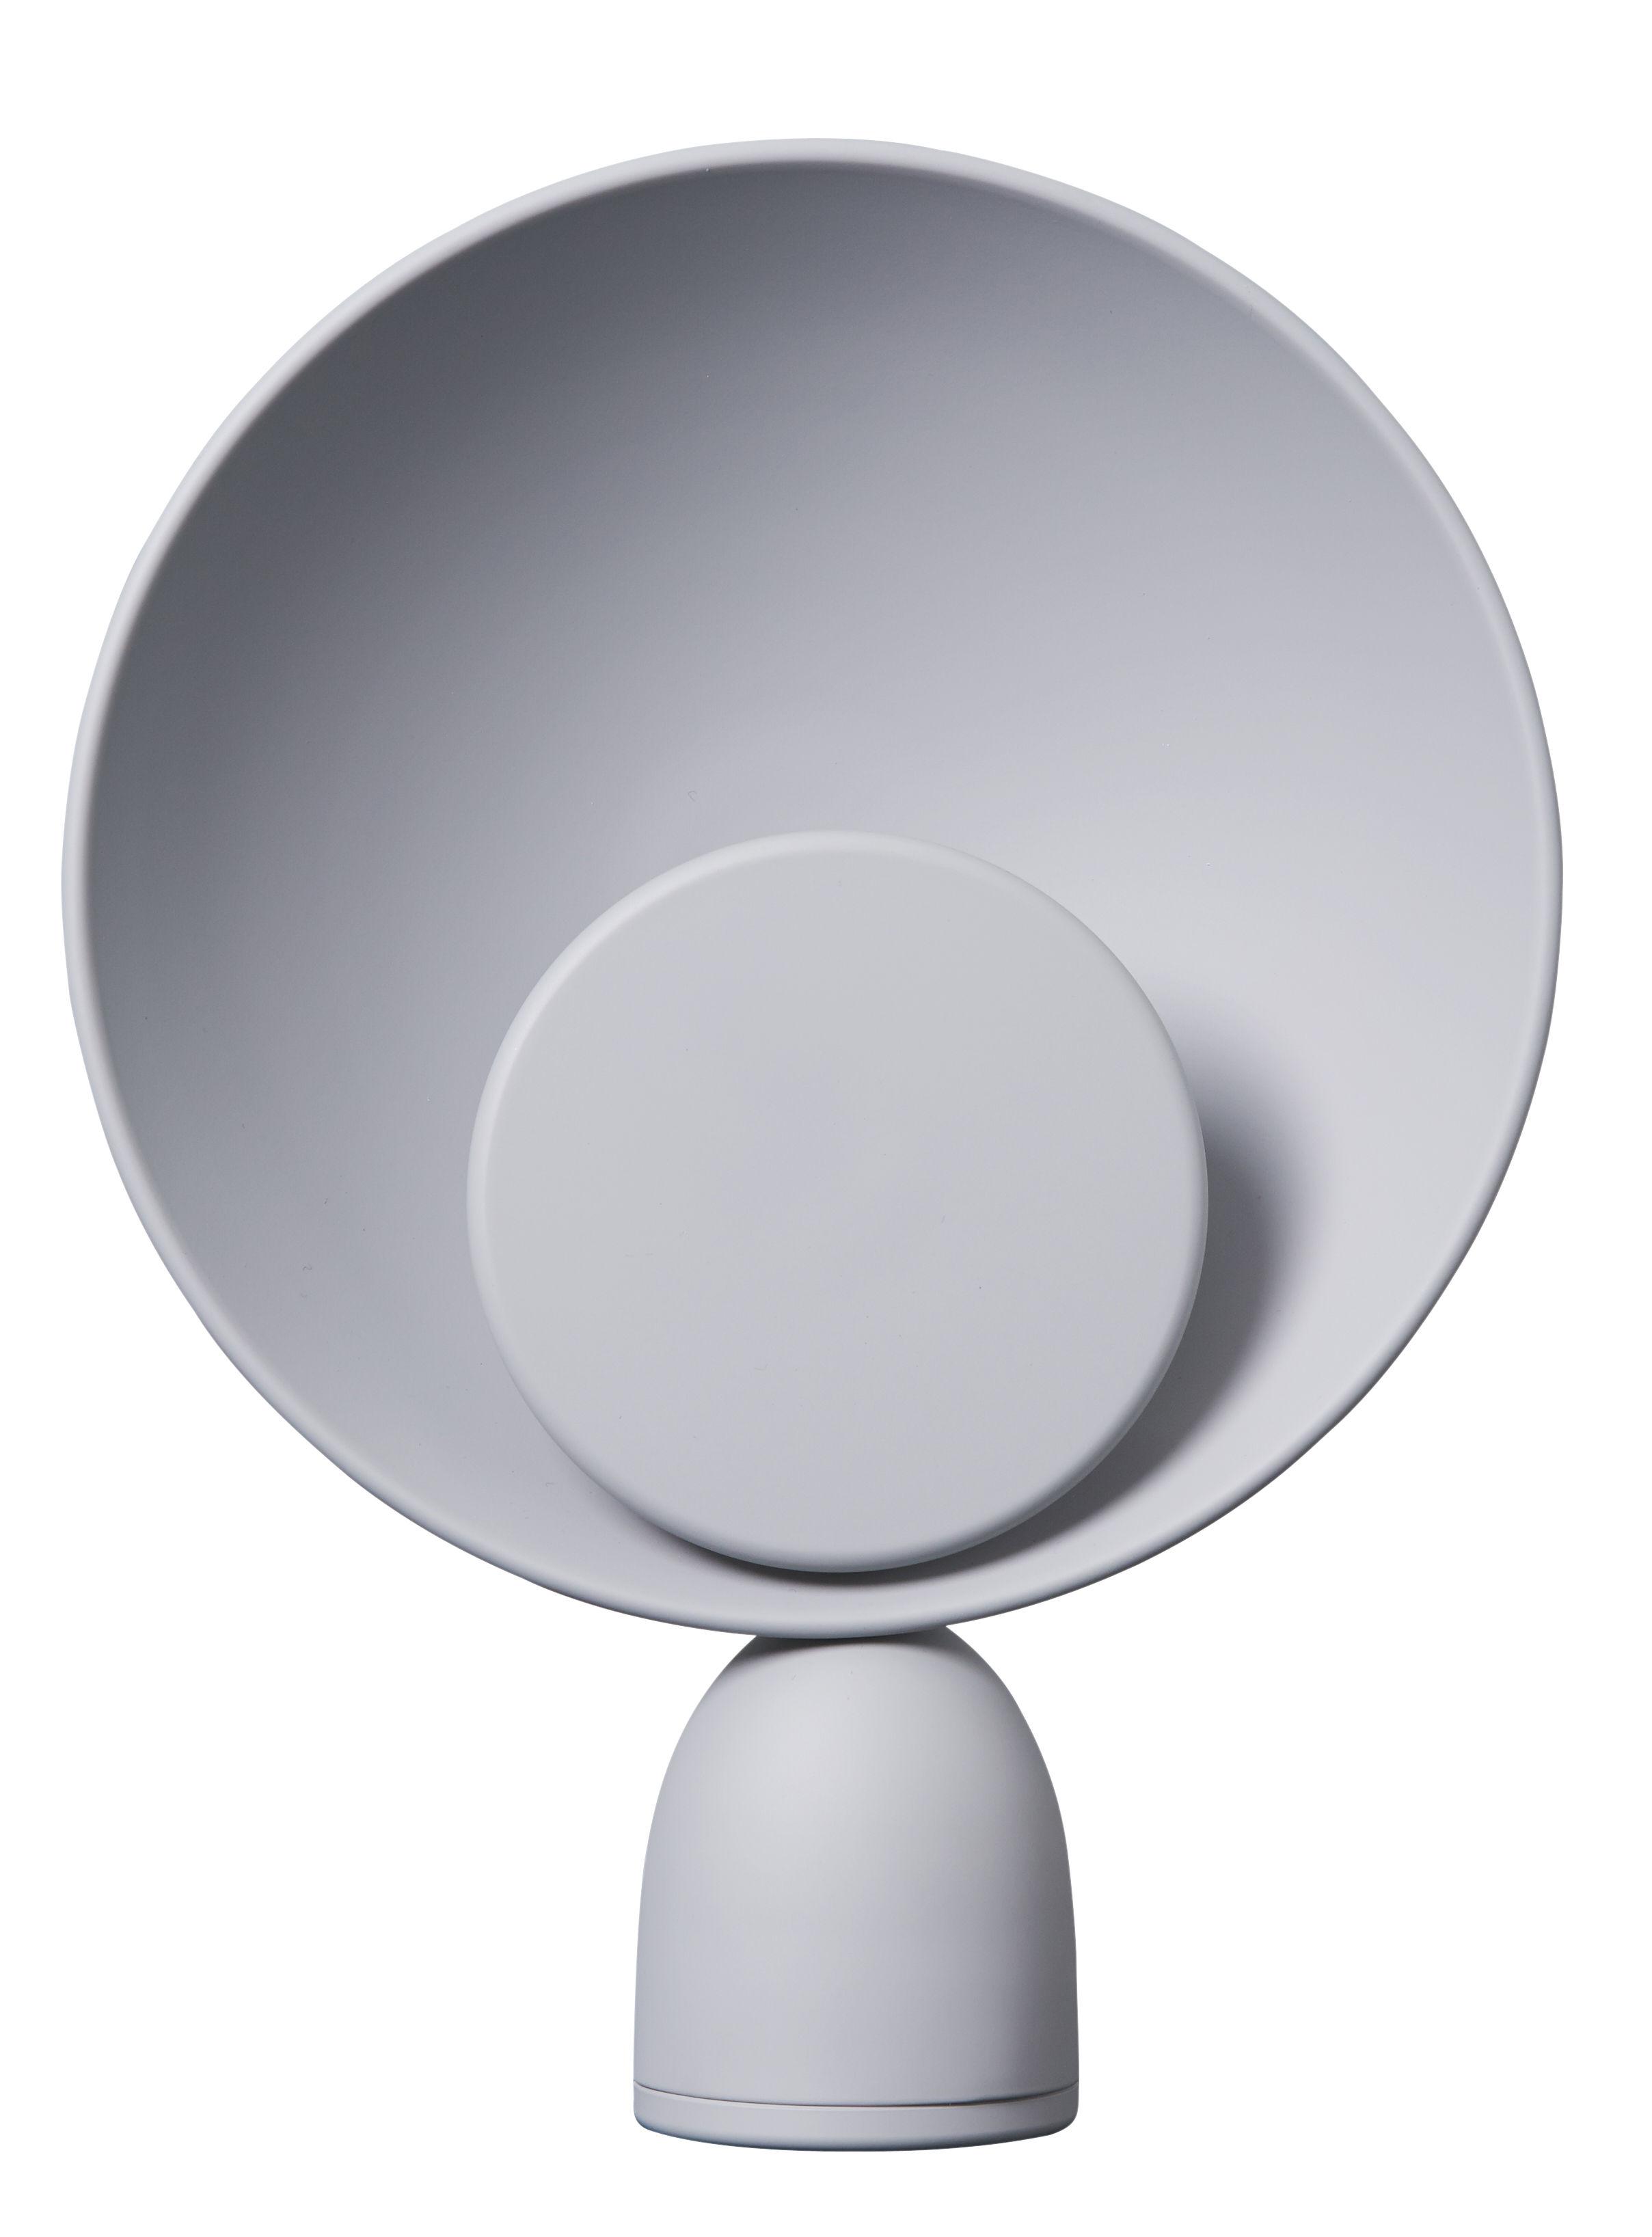 Luminaire - Lampes de table - Lampe de table Blooper / LED - H 35 cm - PLEASE WAIT to be SEATED - Gris cendre - Acier peint